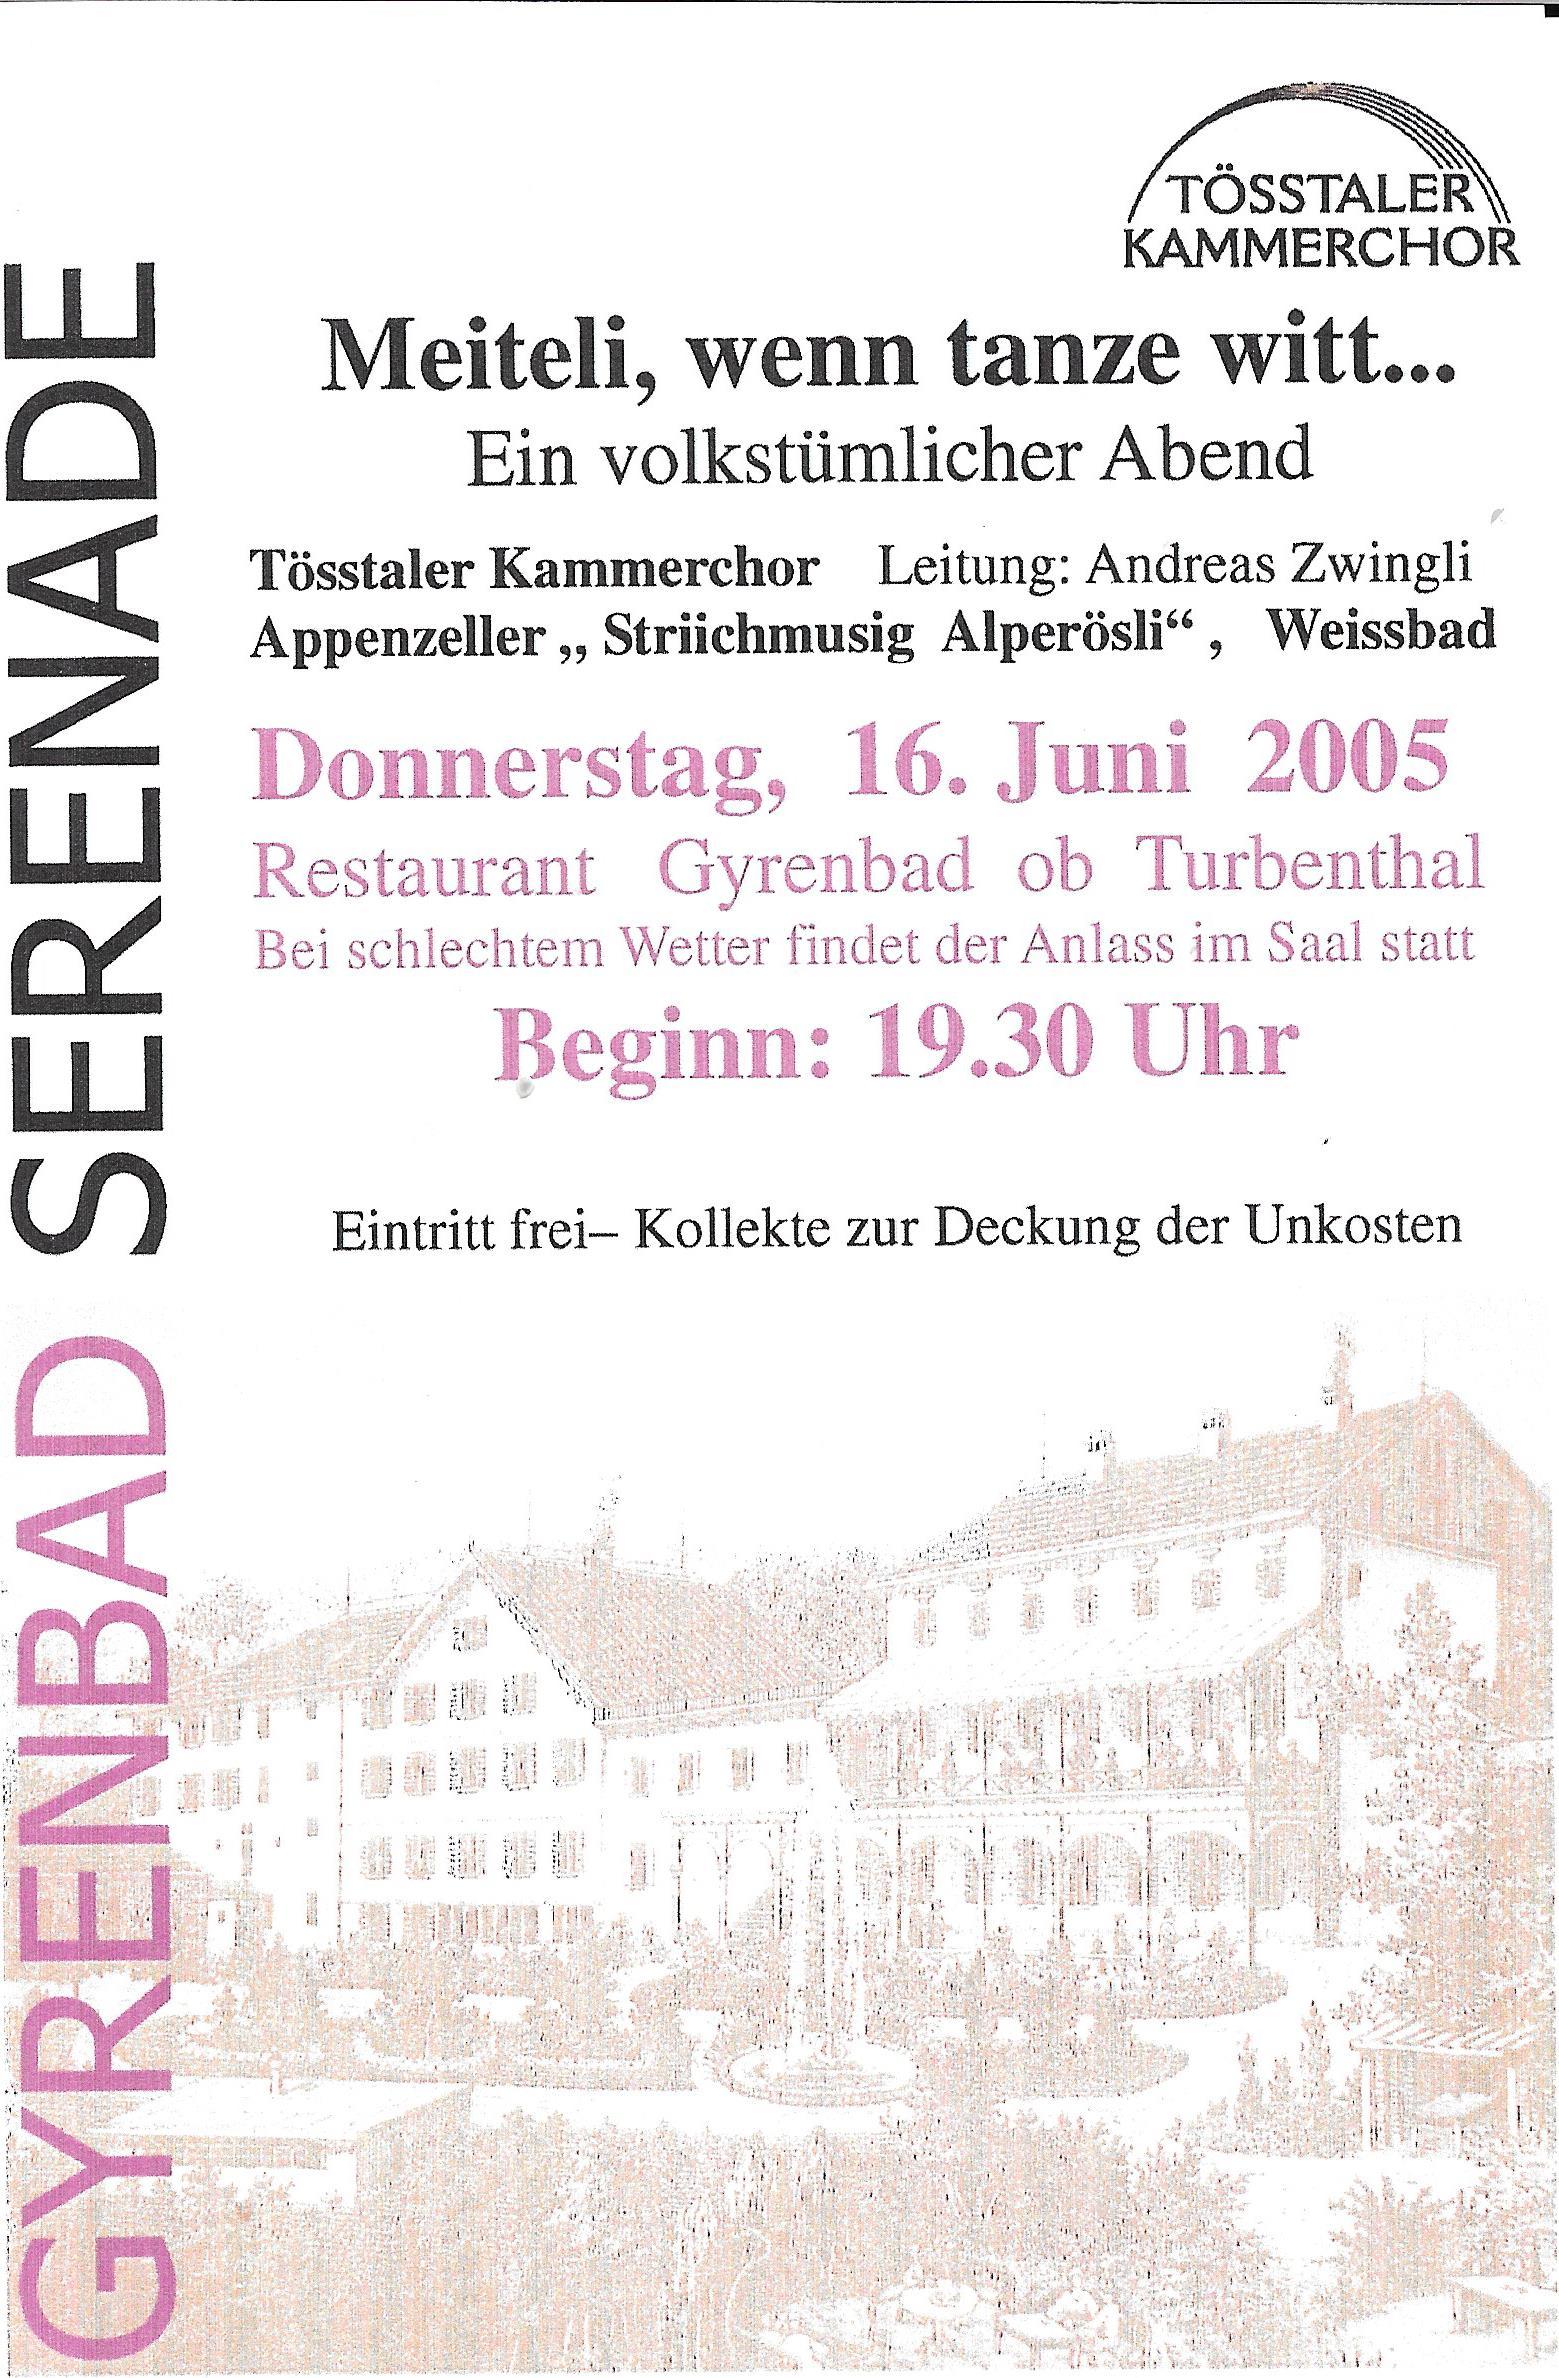 Meiteli, wenn tanze witt.., 2005